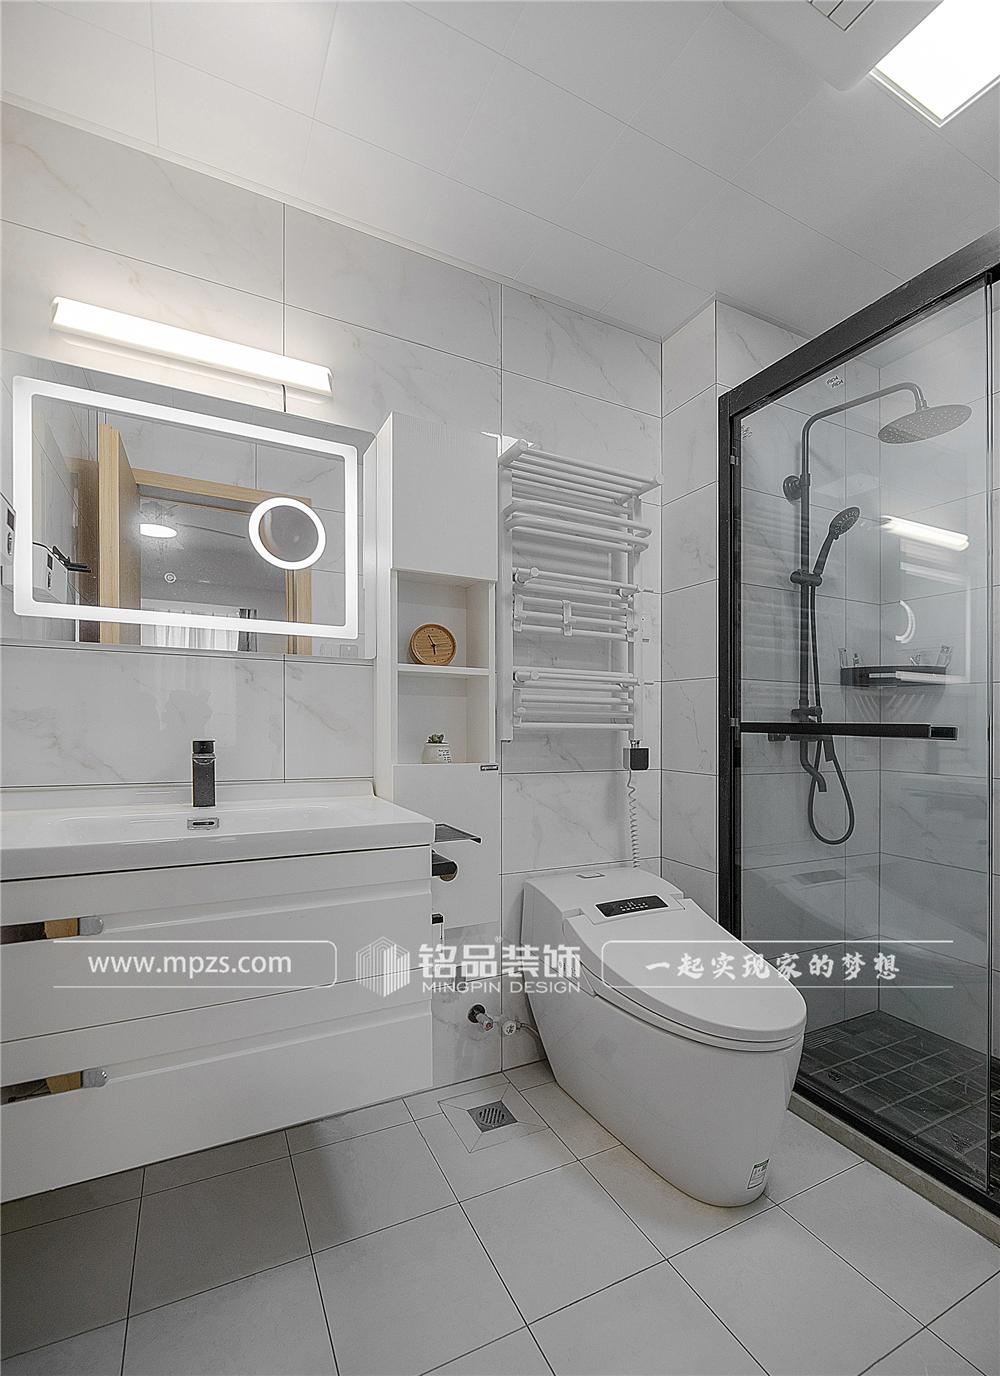 杭州140平方米北欧风格三室两厅公寓装修案例_效果图 (13)